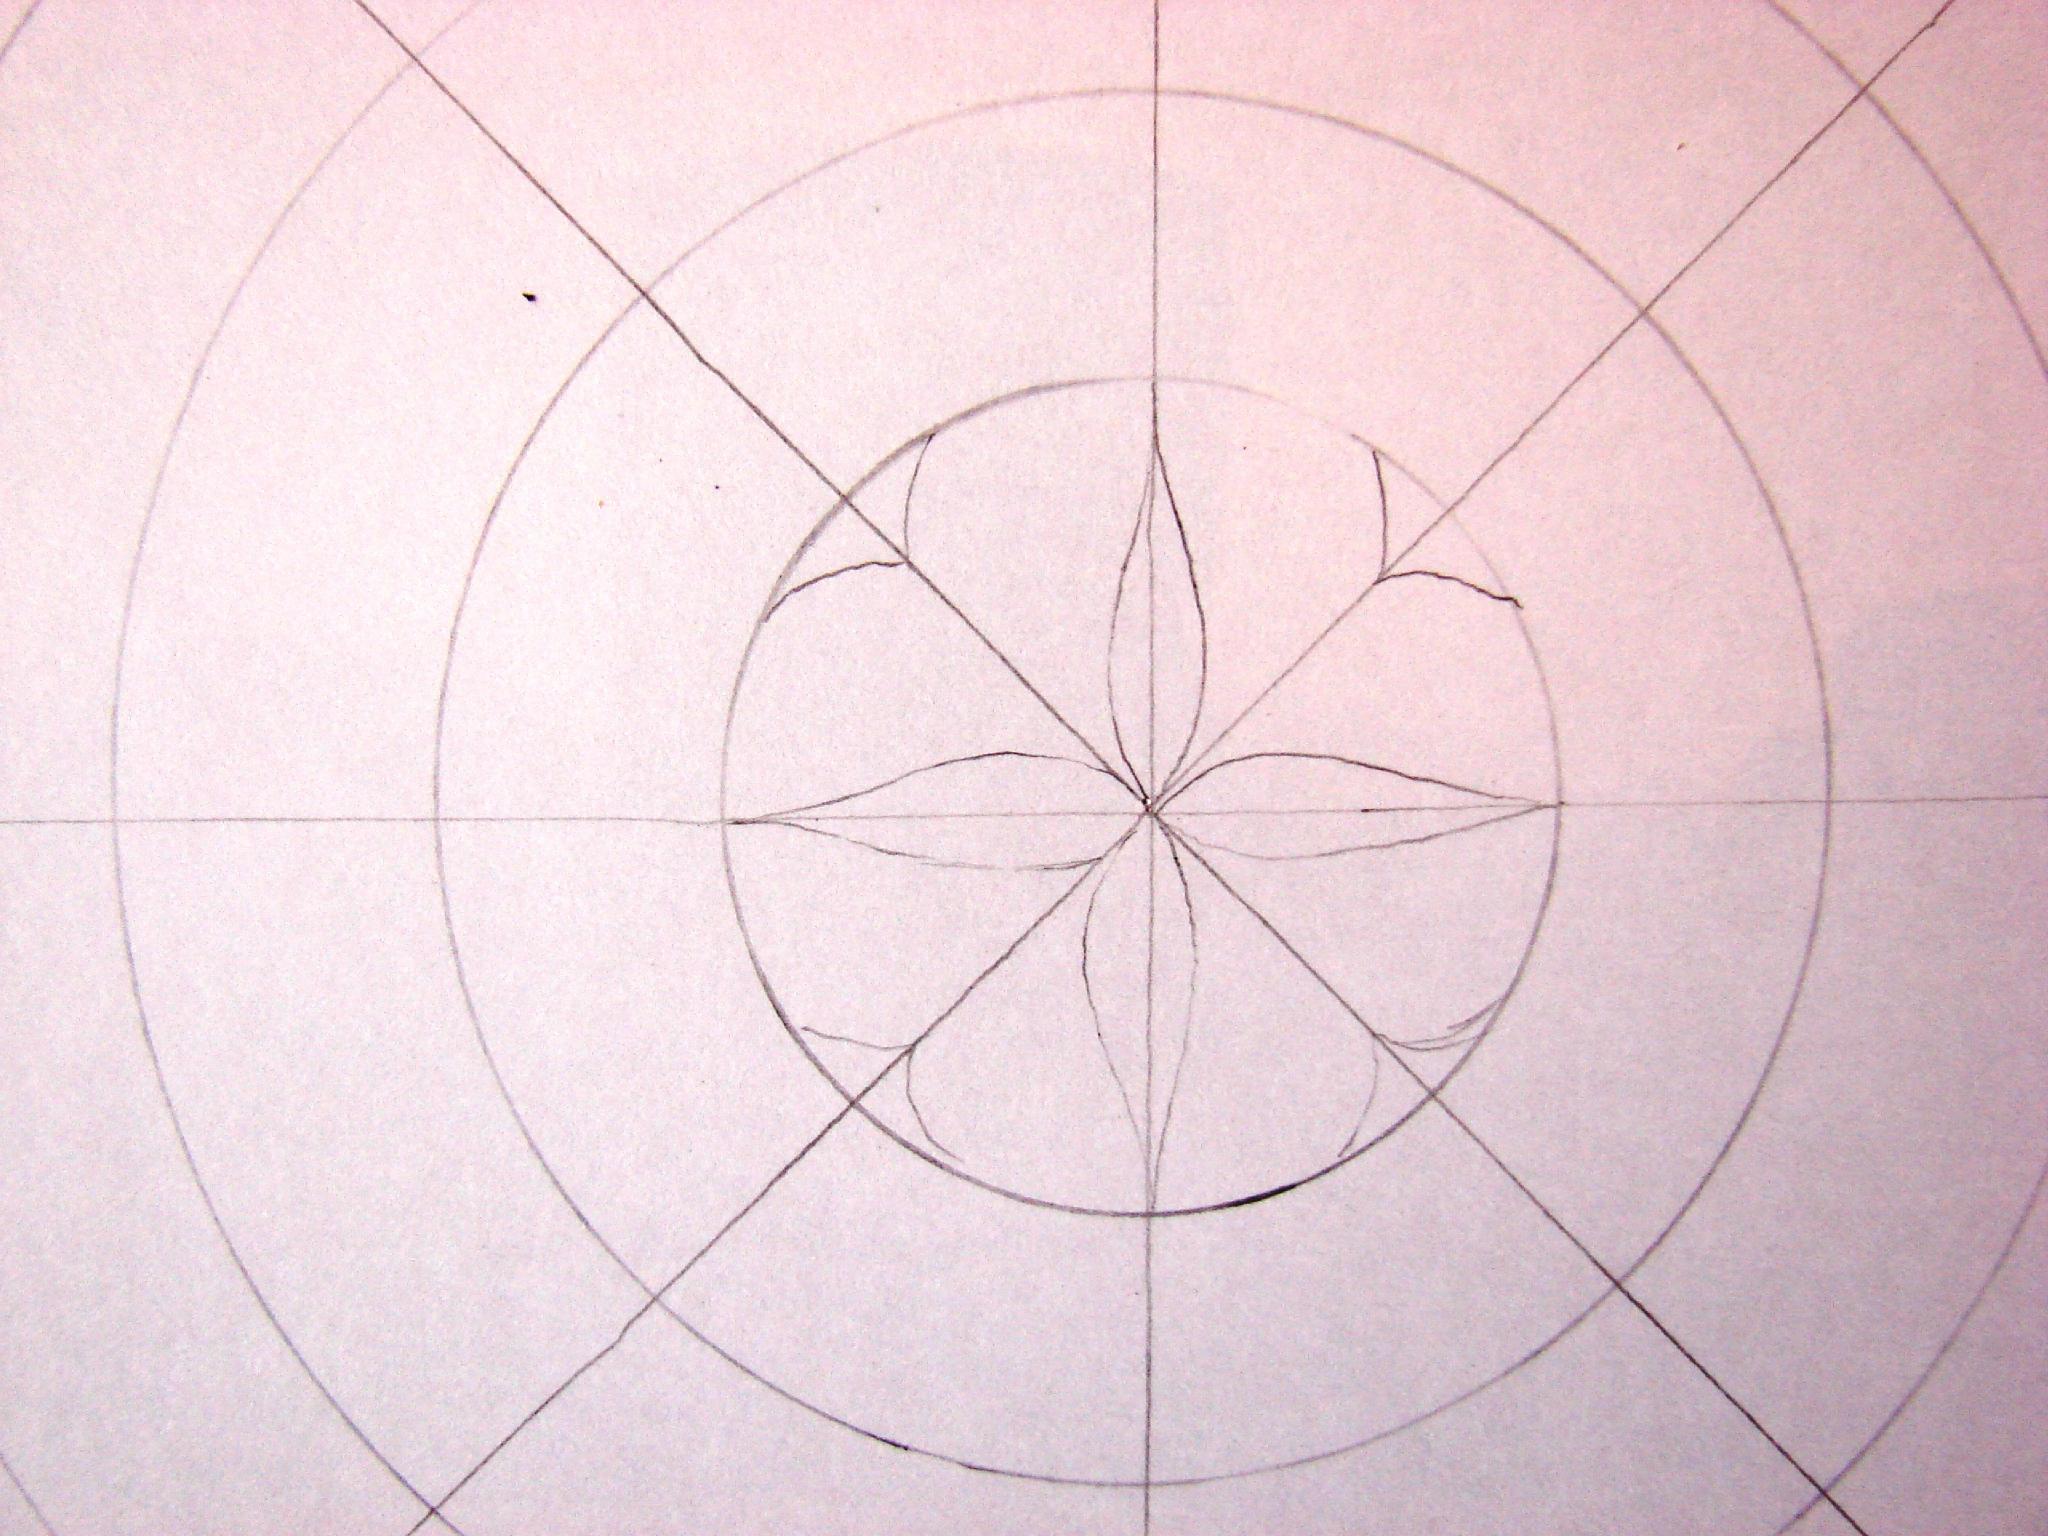 Initiation À La Création D'un Mandala. - Lucie Dans Le Ciel concernant Dessiner Un Mandala